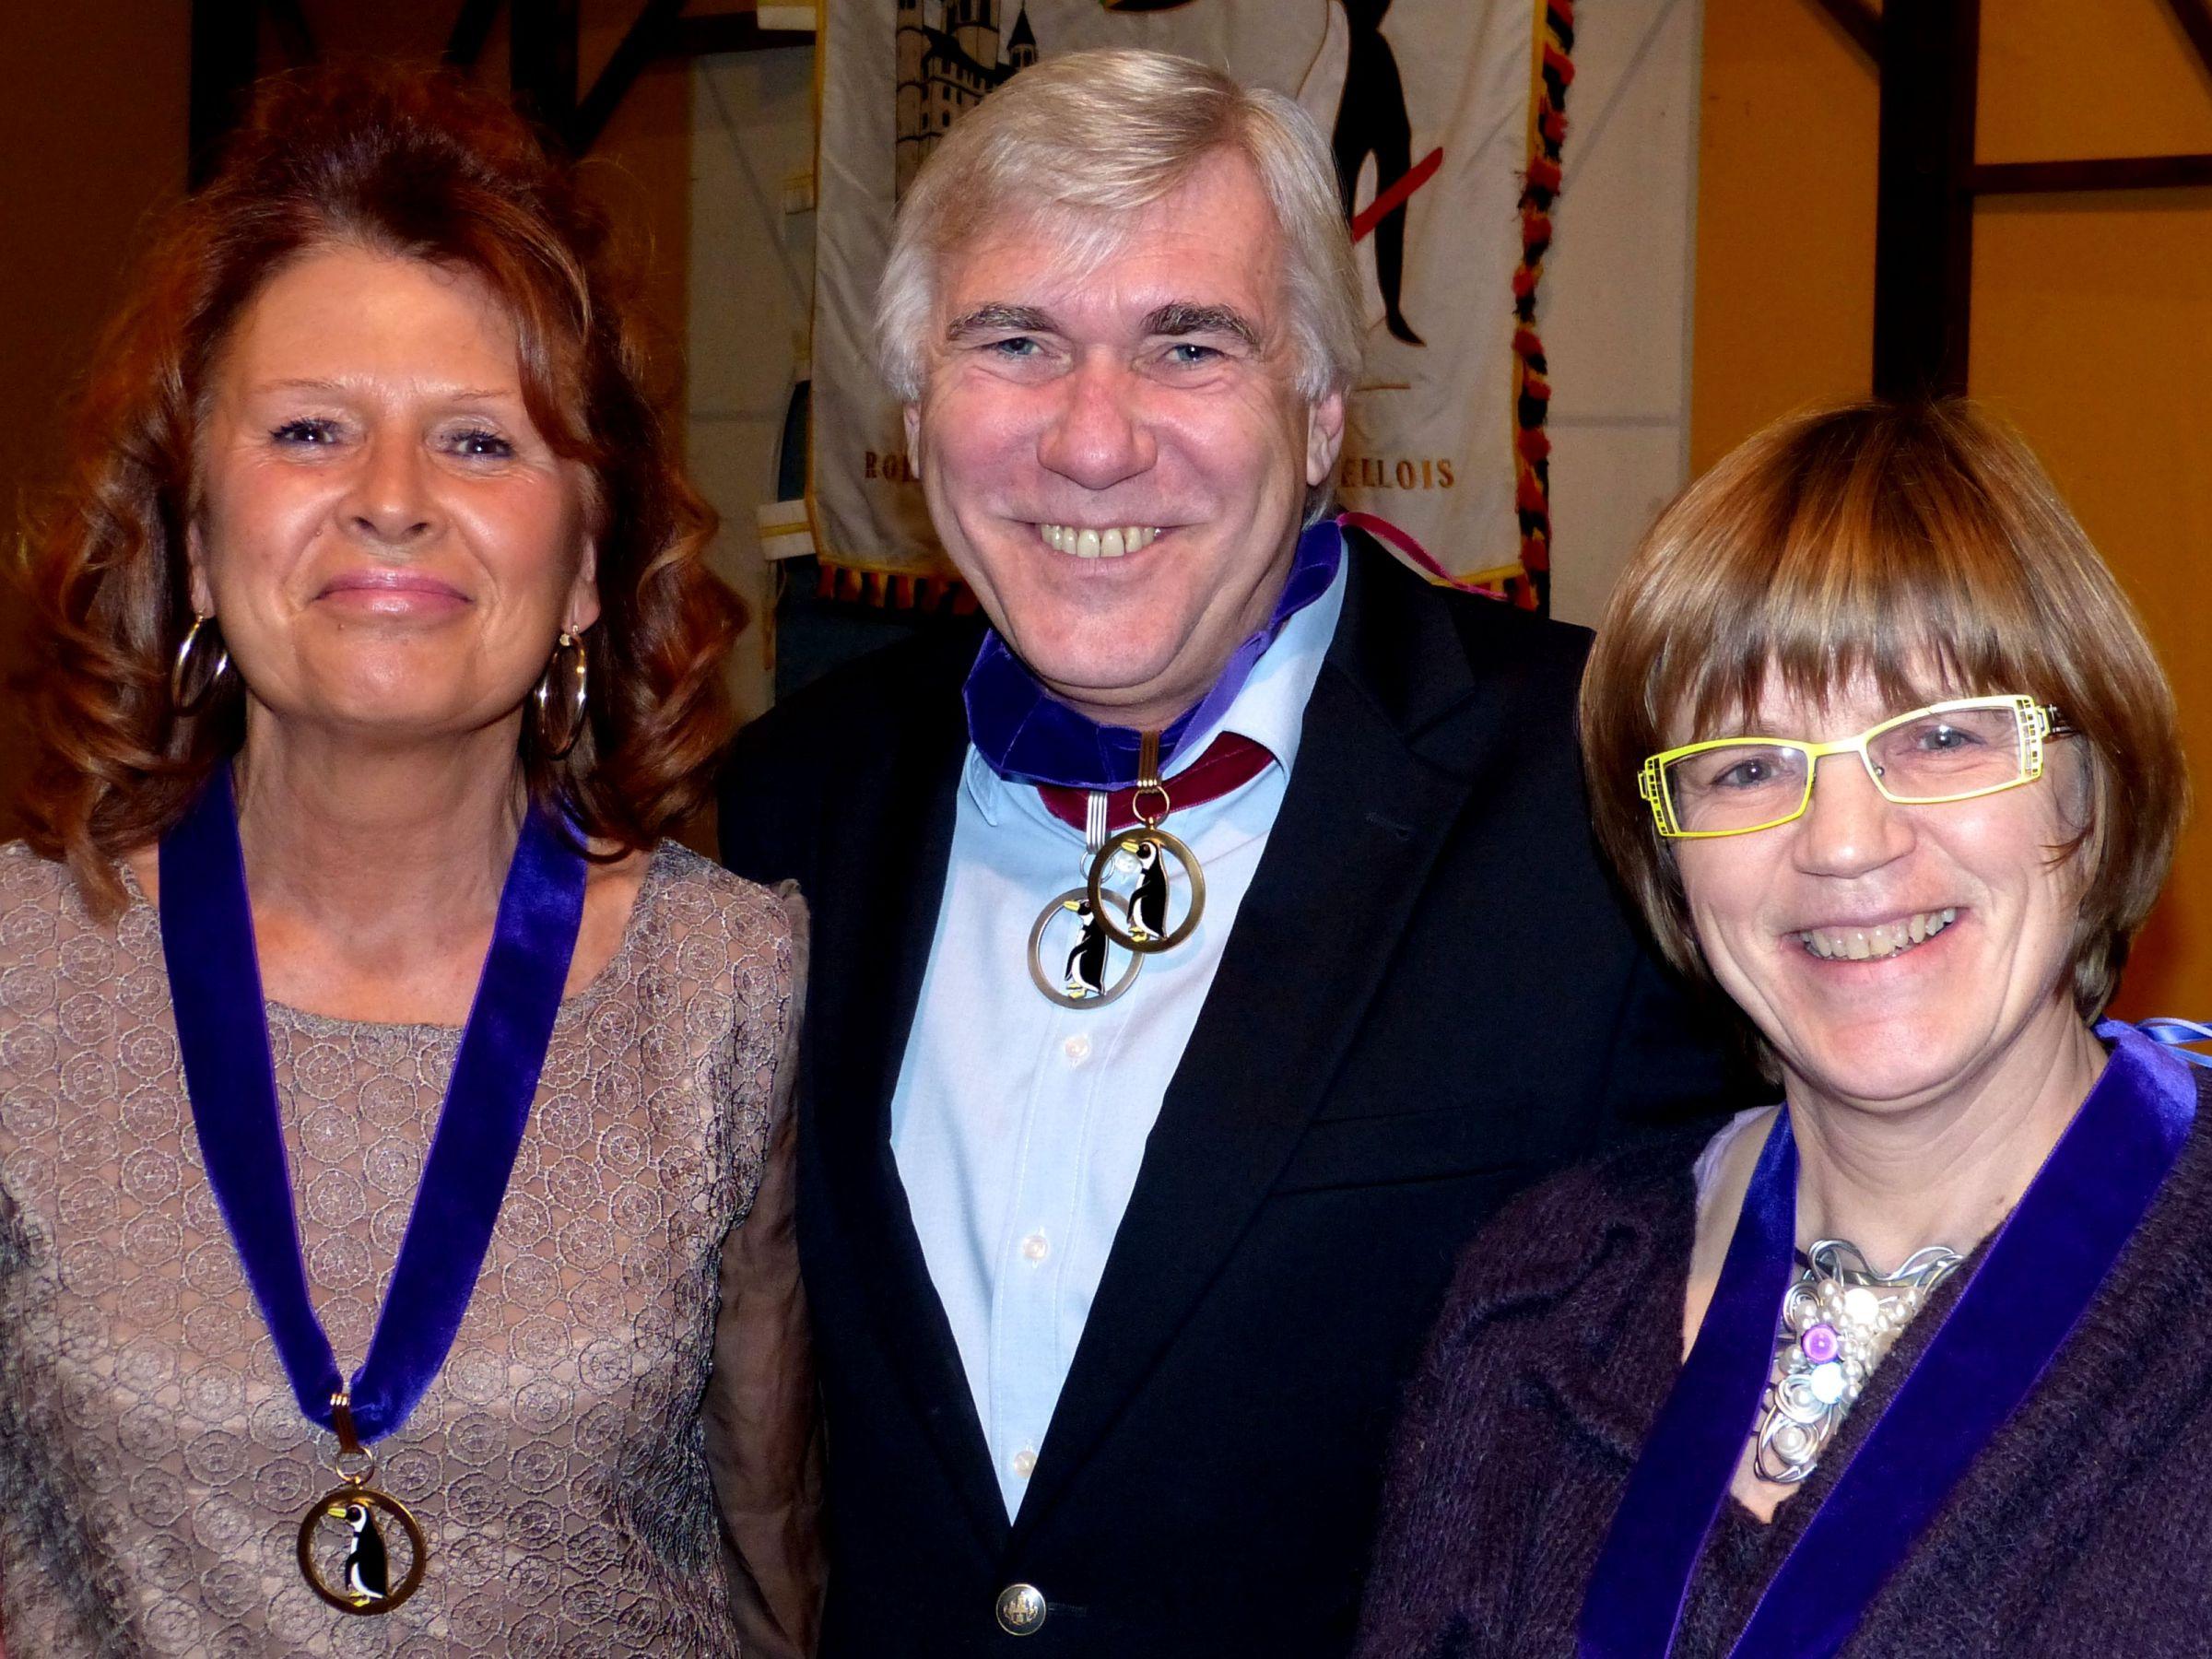 de gauche à droite, Catherine Richelot, Bailli en exercice et Présidente de 1995 à 1997 et de 1998 à 2001, Didier Leurs, Bailli en exercice et Ministre de l'Ordre et Béatrice Bertrand, Bailli en exercice et Mémoire de l'Ordre